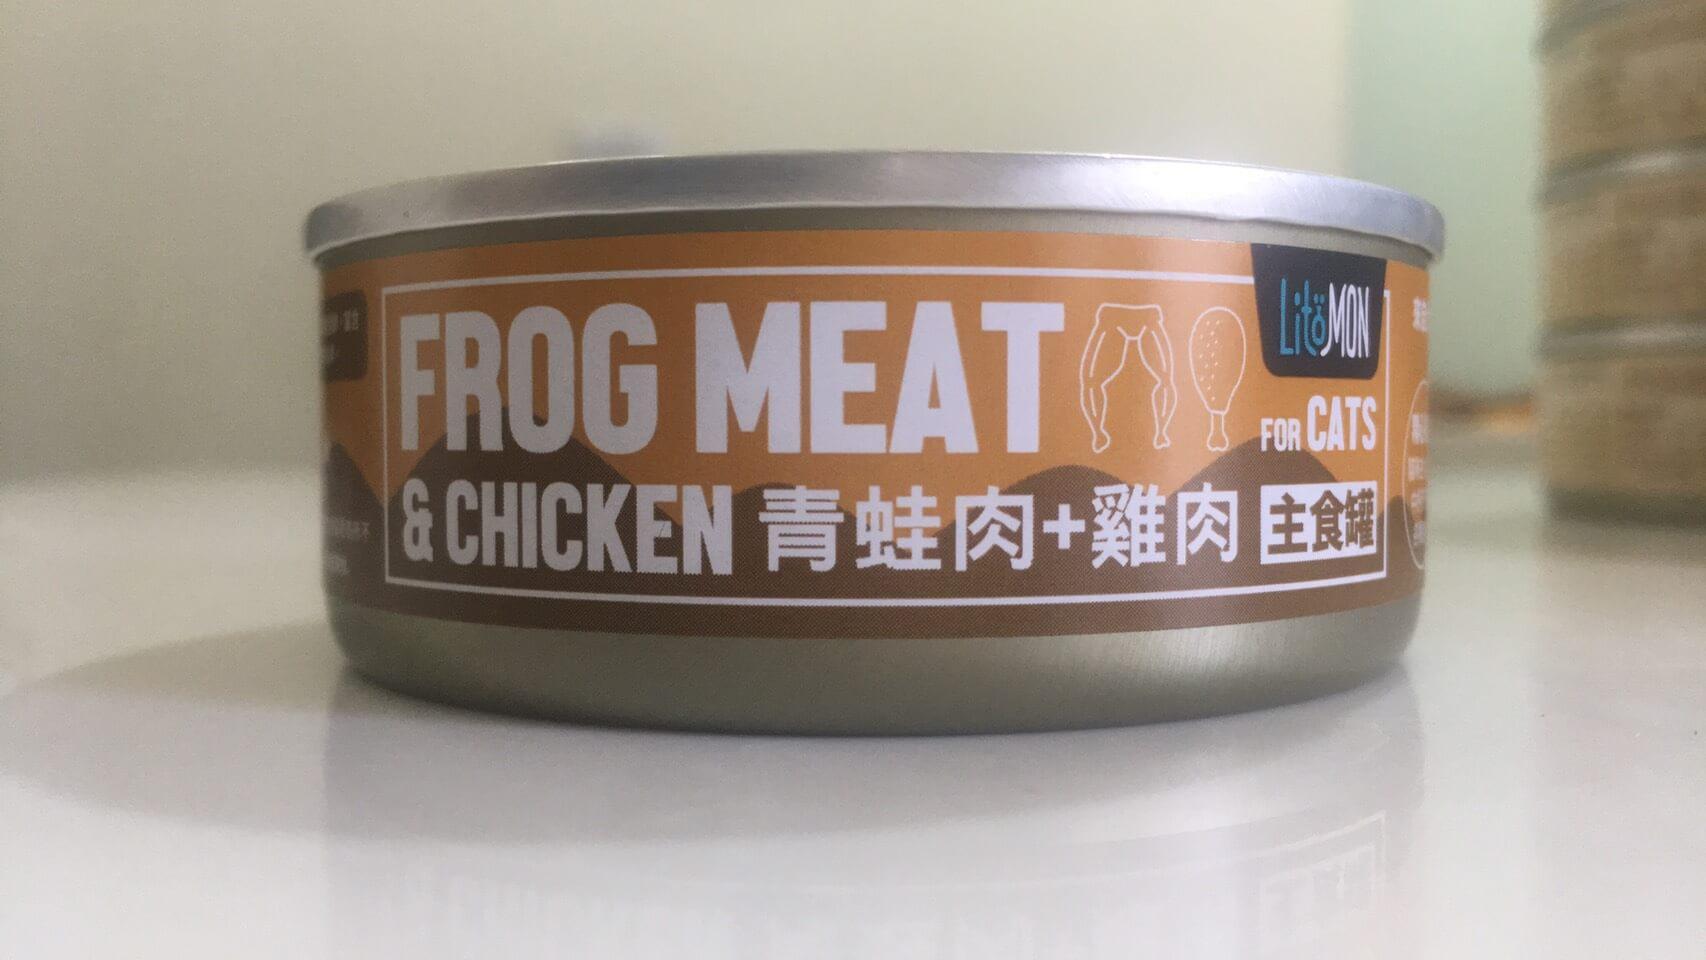 怪獸部落野味無膠主食罐2